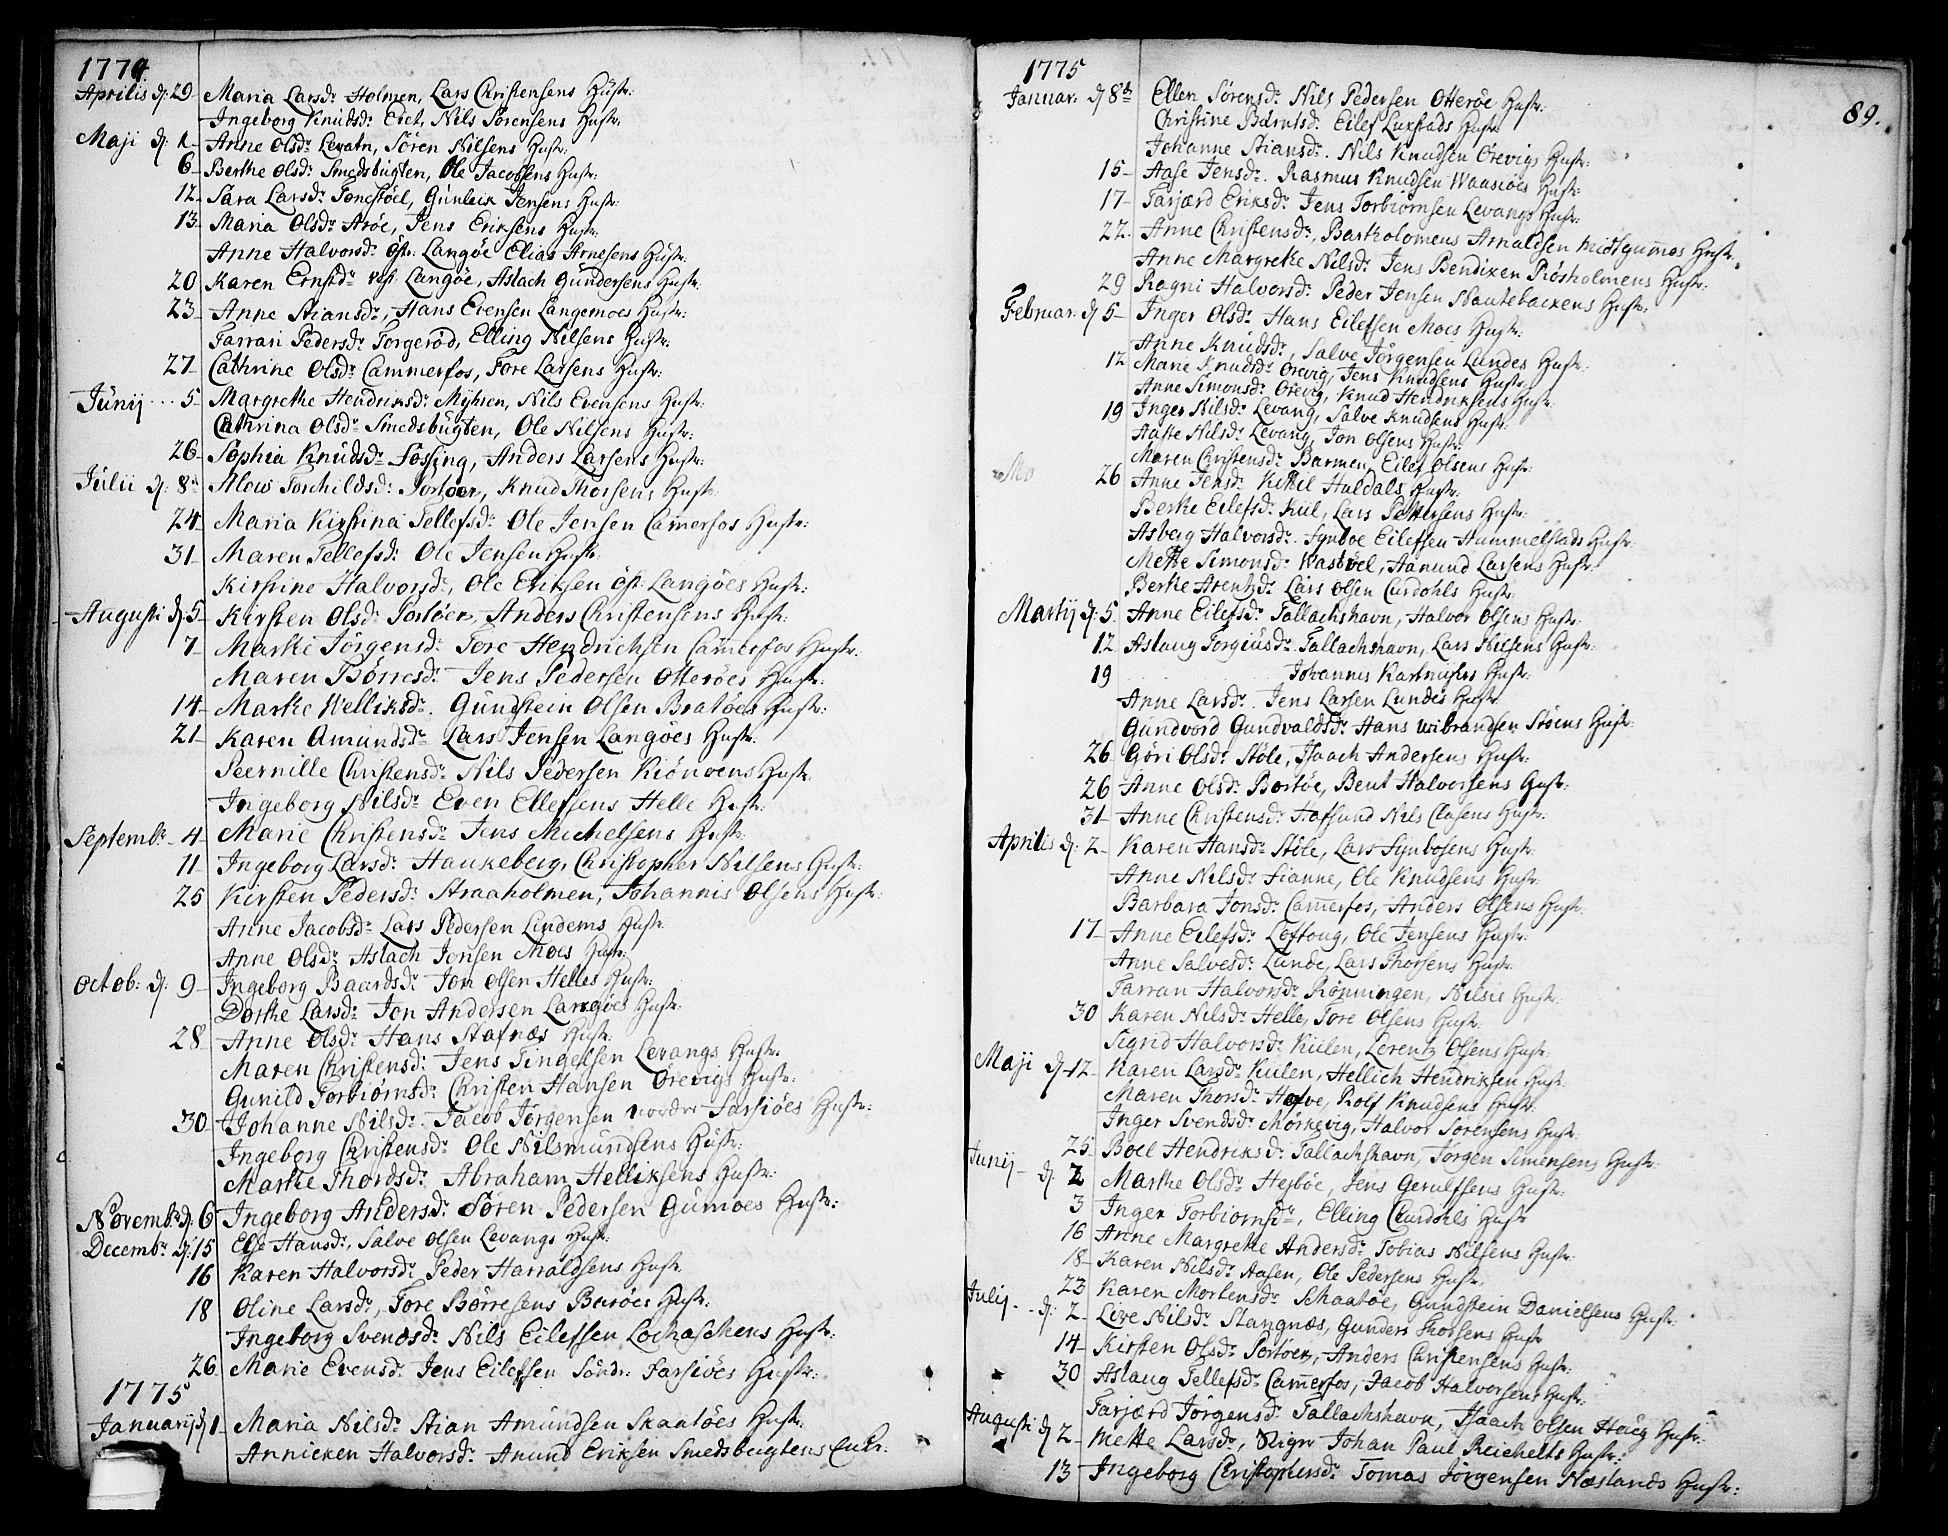 SAKO, Sannidal kirkebøker, F/Fa/L0002: Ministerialbok nr. 2, 1767-1802, s. 89